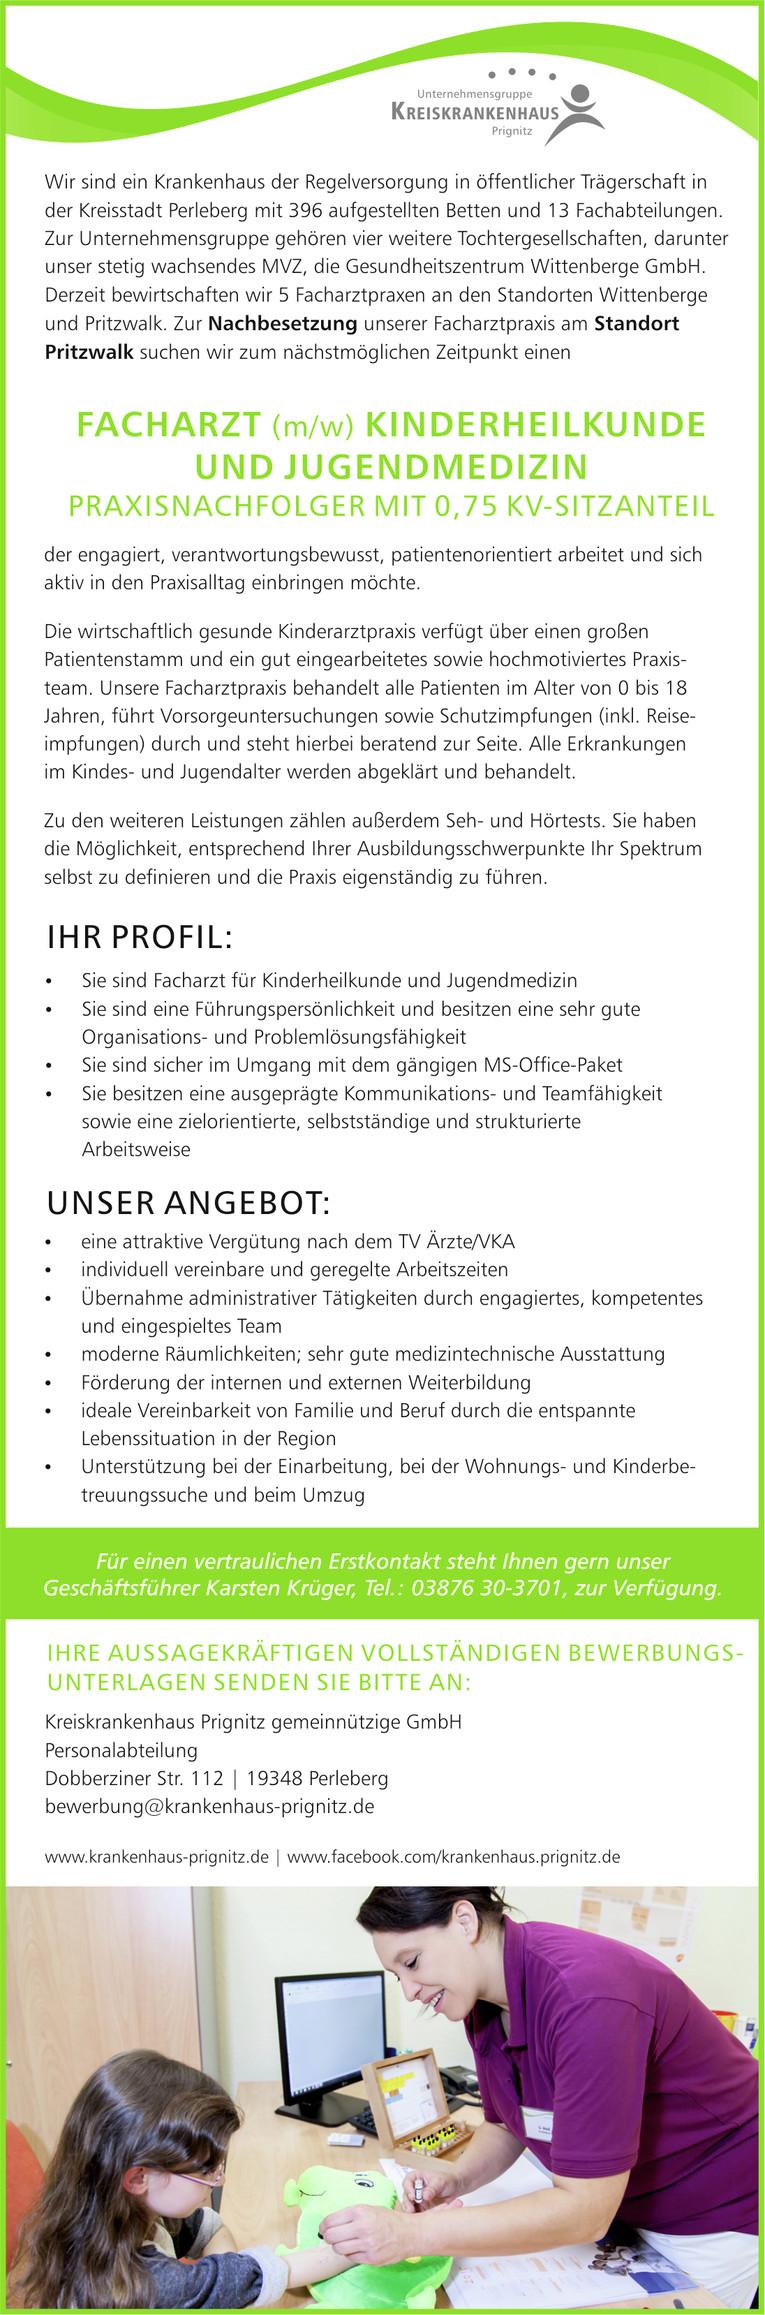 Praxisnachfolger (m/w) Facharztpraxis Kinder- und Jugendmedizin in Pritzwalk